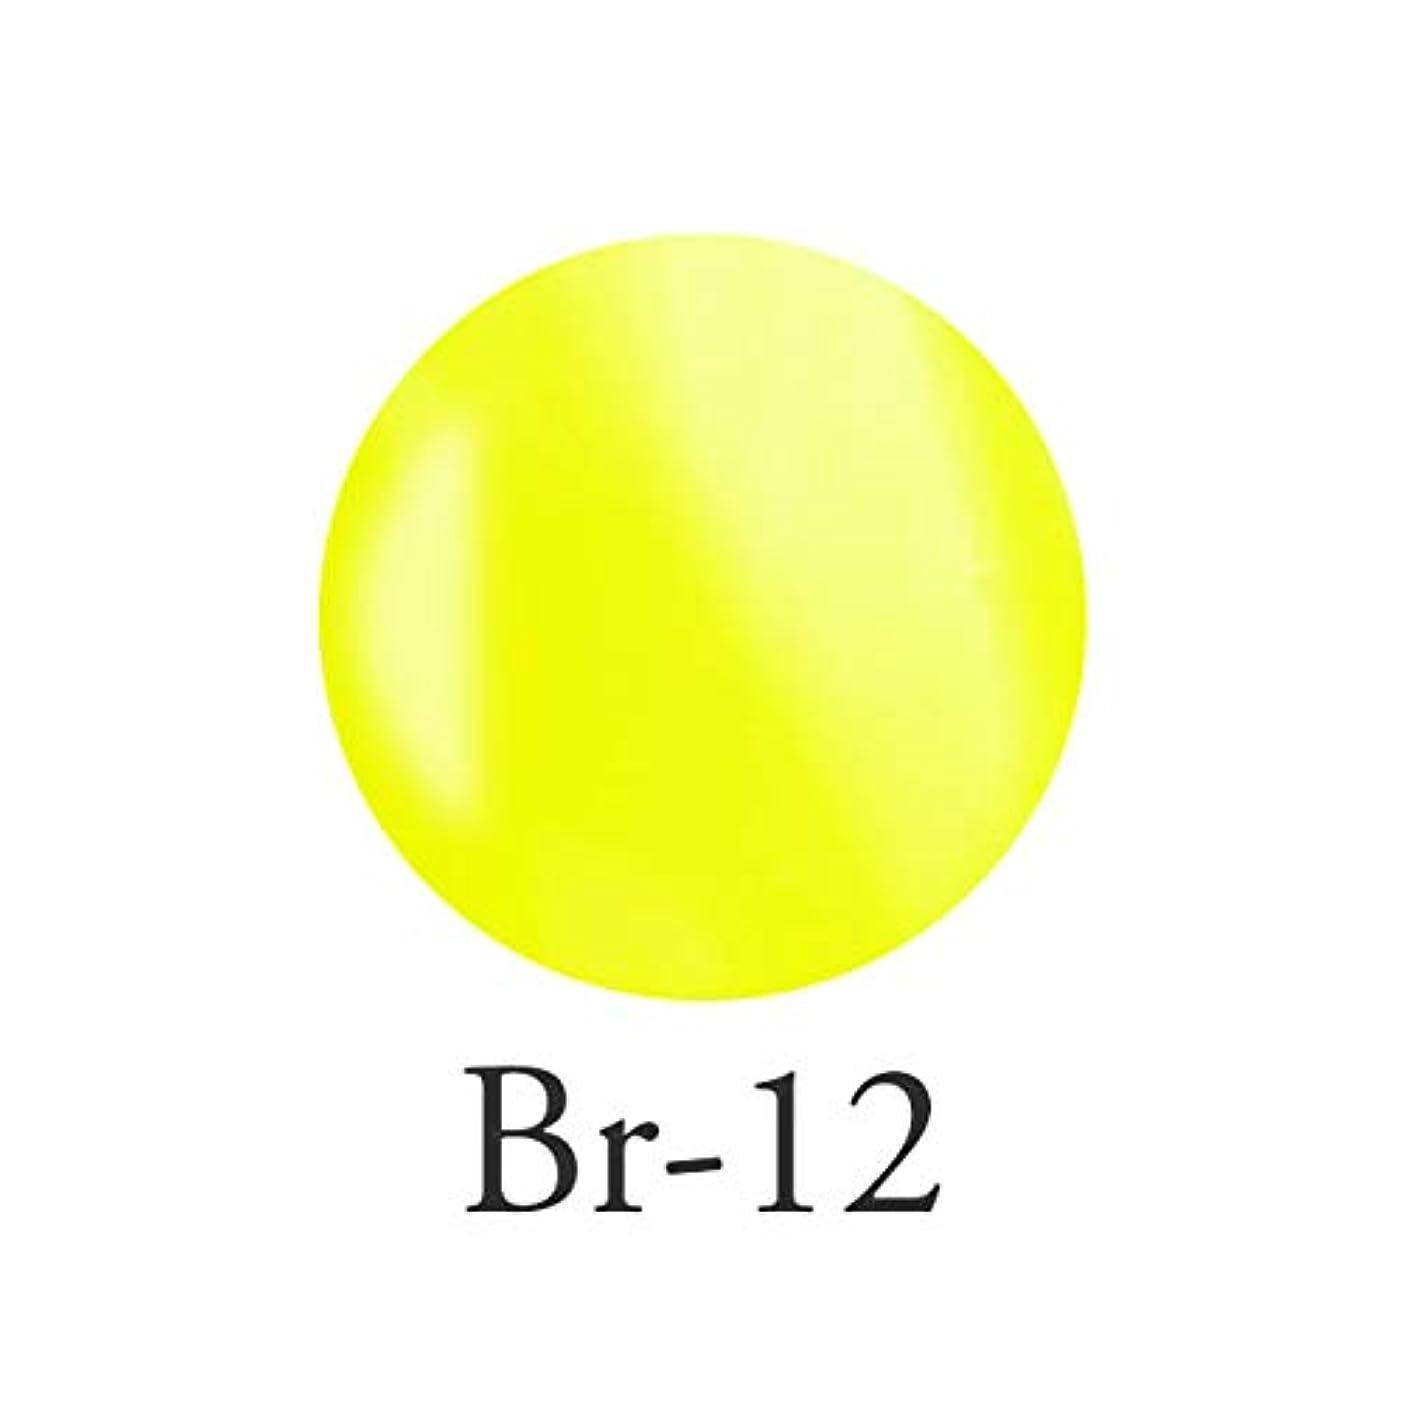 はげ磨かれた空洞エンジェル クィーンカラージェル オデットイエロー Br-12 3g